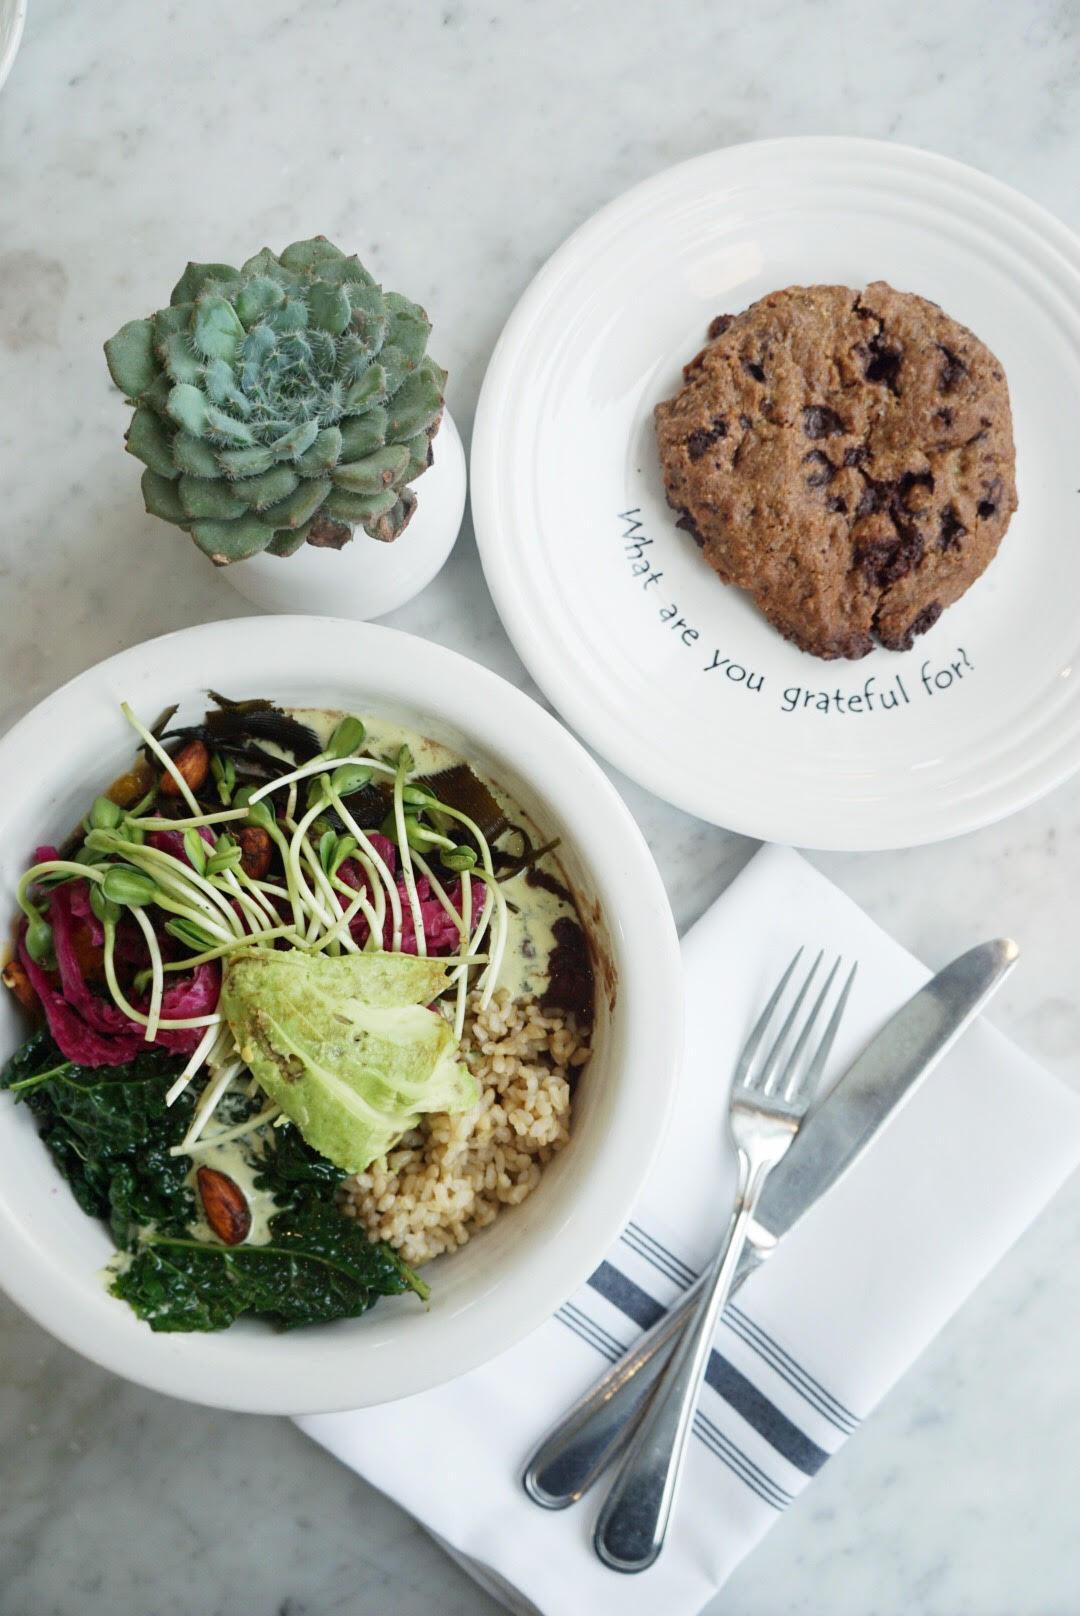 Vegan food at Cafe Gratitude